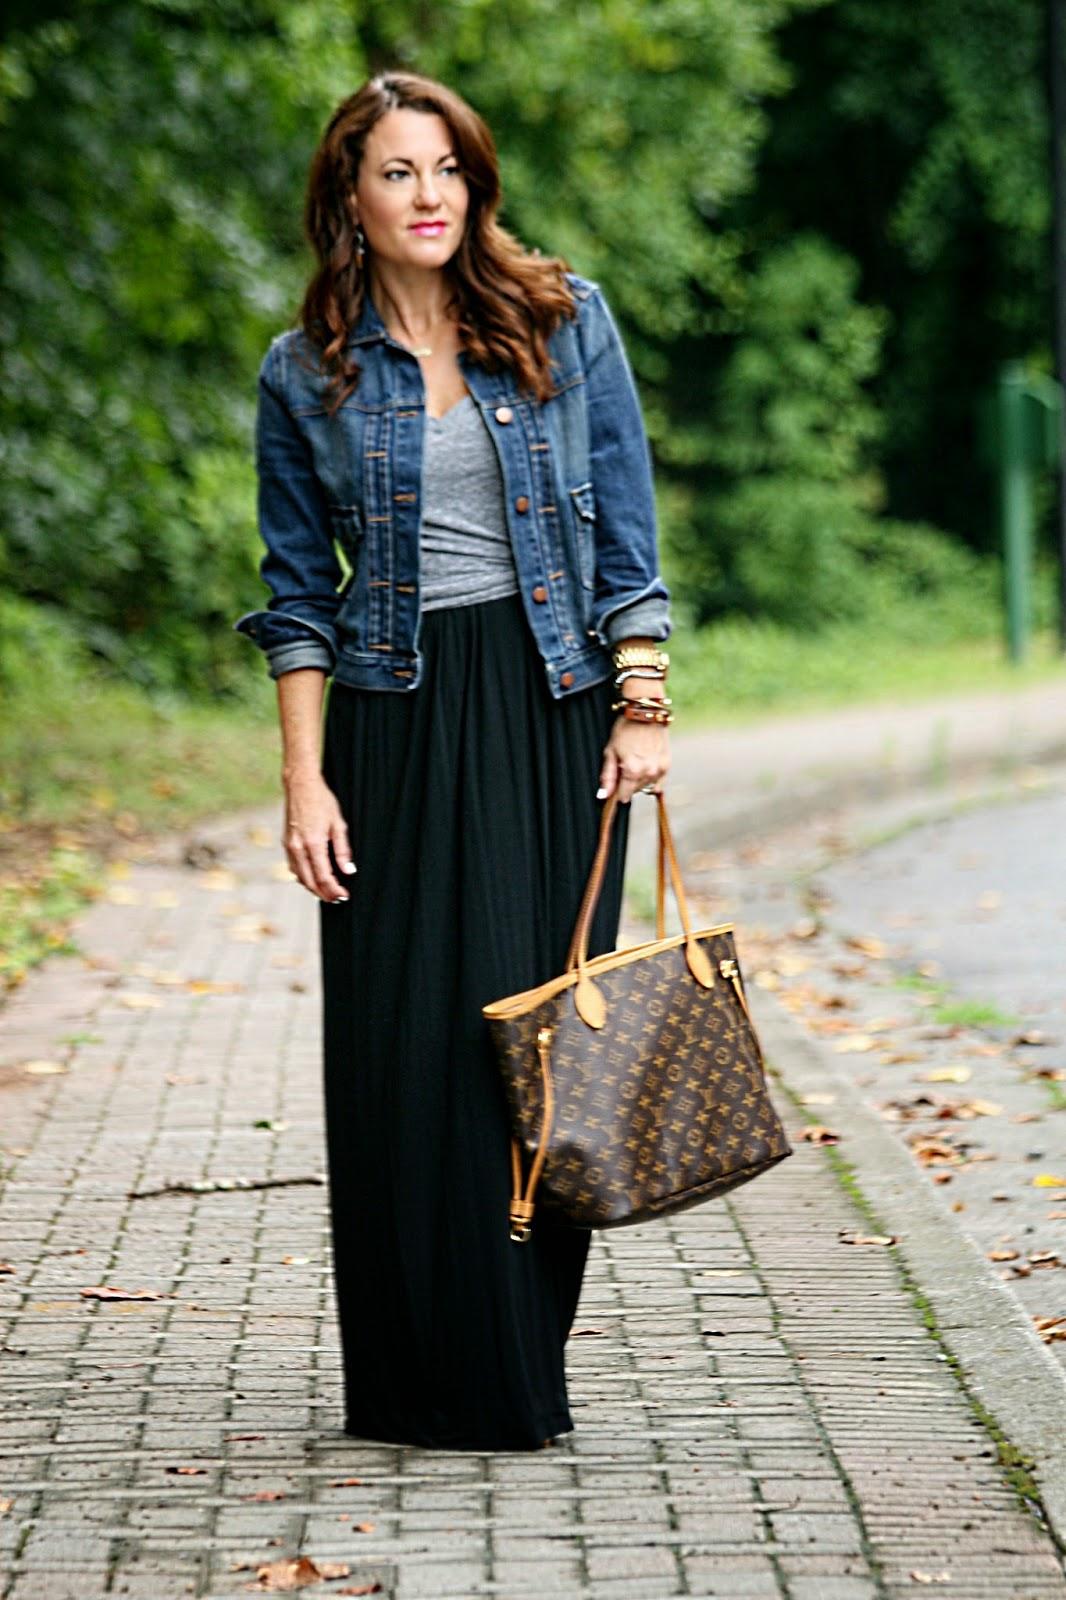 Maxi dress with jean shirt